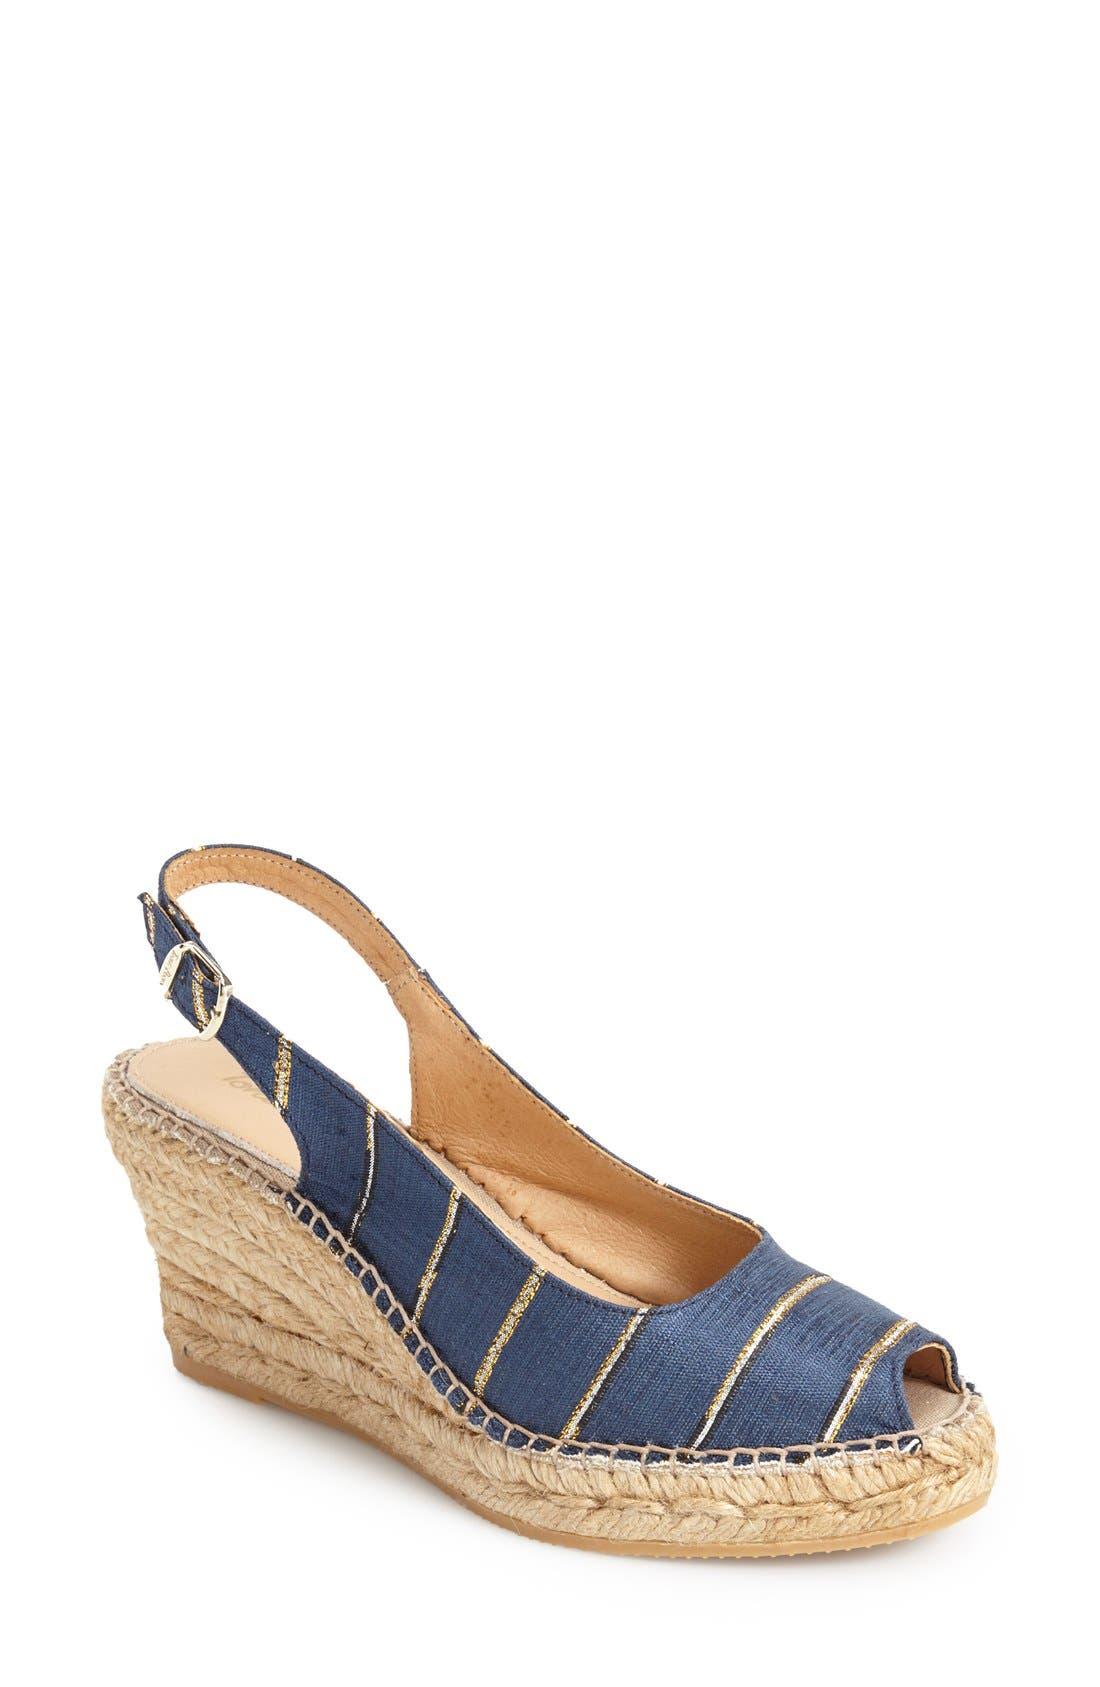 TONI PONS 'Carmina' Silk Slingback Wedge Sandal